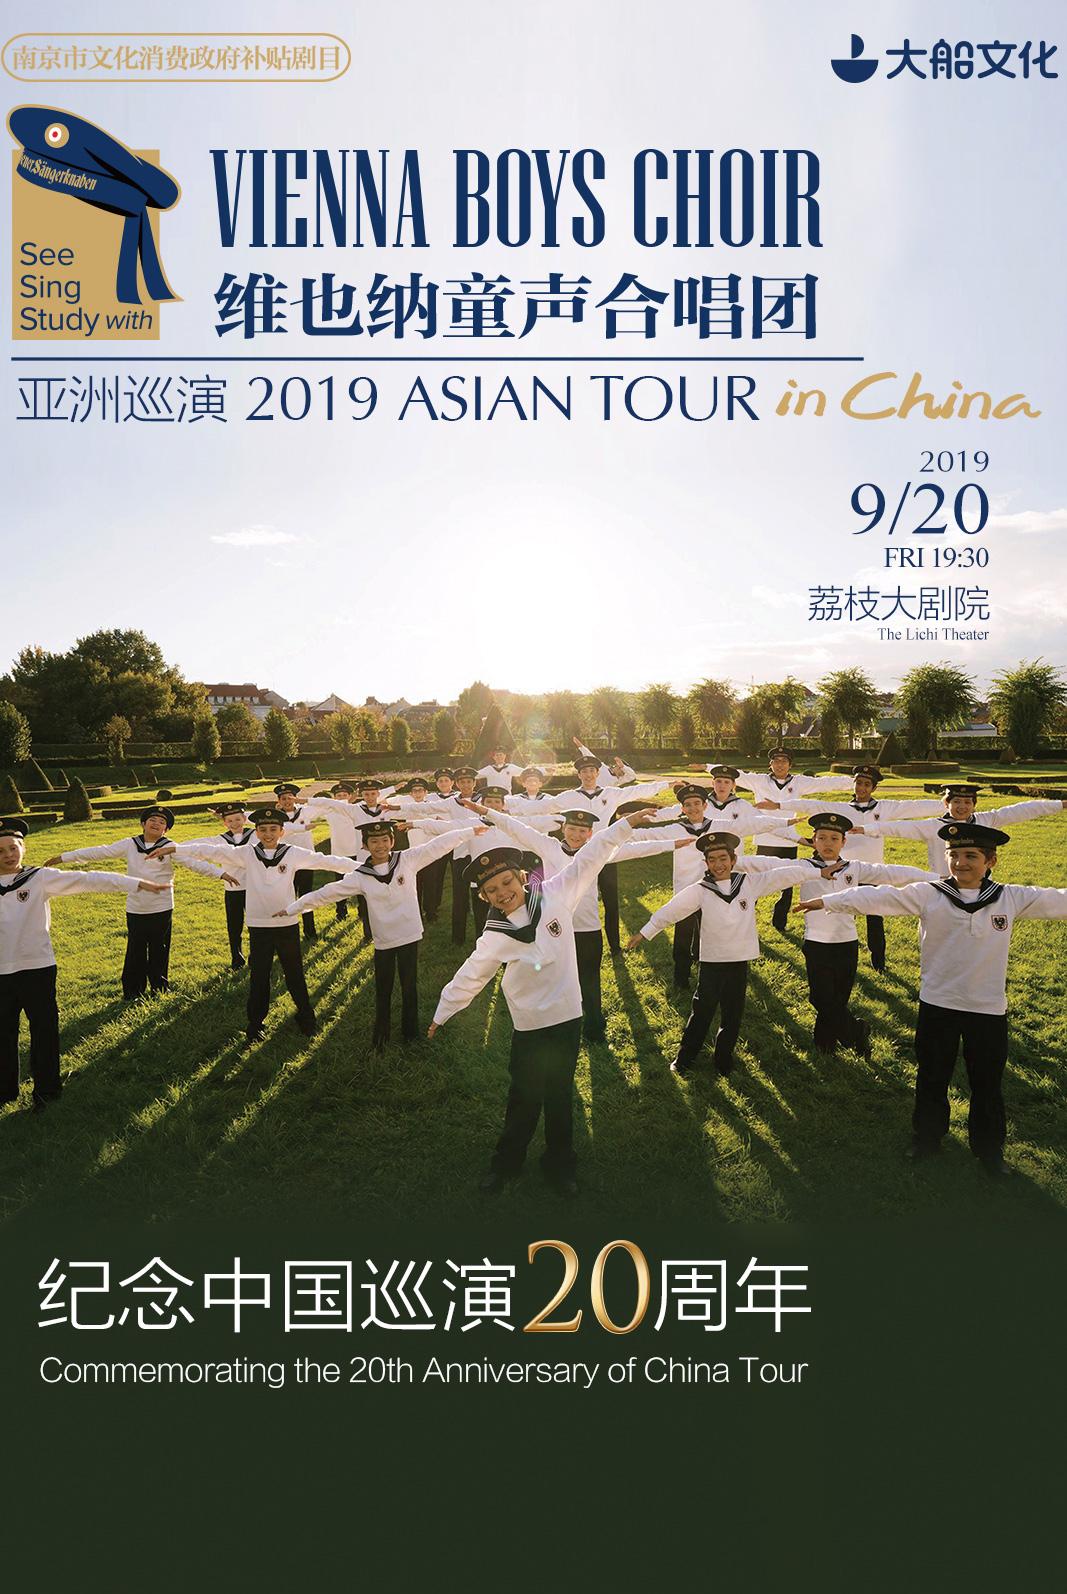 南京市文化消费政府补贴剧目 大船文化・纪念中国巡演20周年维也纳童声合唱团亚洲巡演 南京站